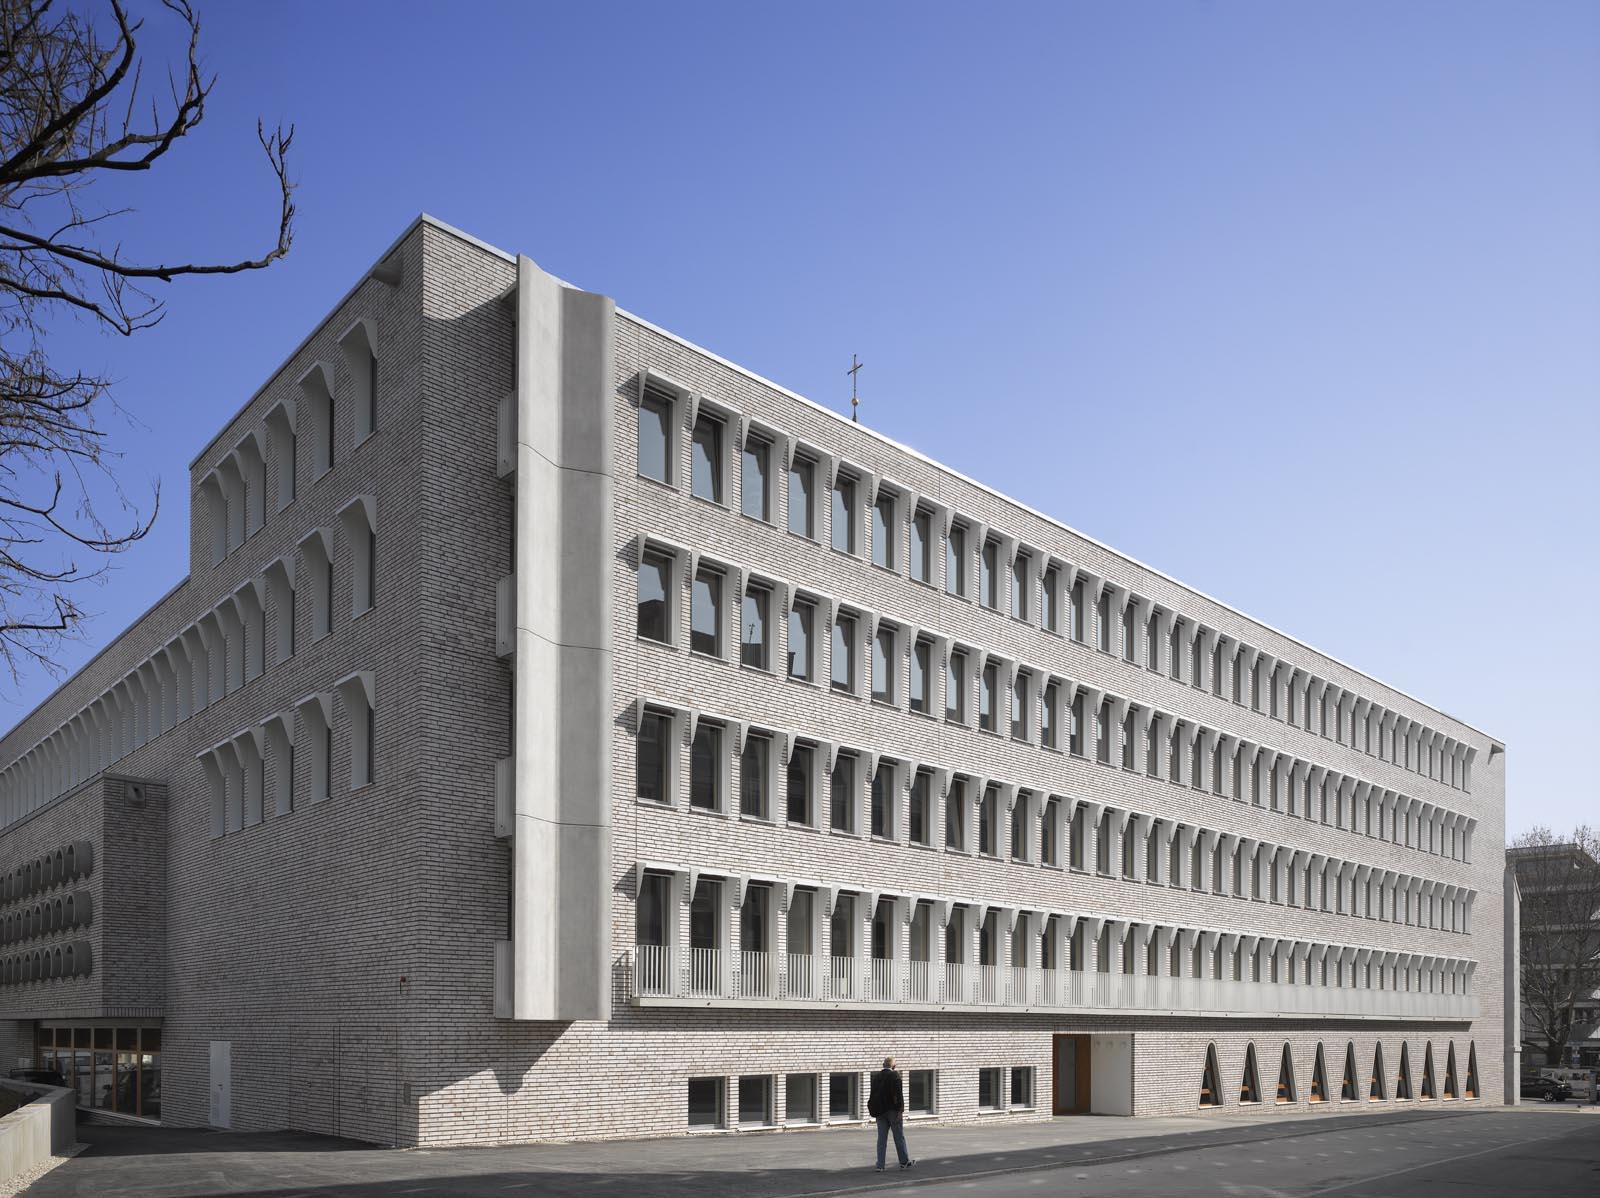 Architects Stuttgart hospitalhof in stuttgart by lederer ragnarsdóttir oei uncube